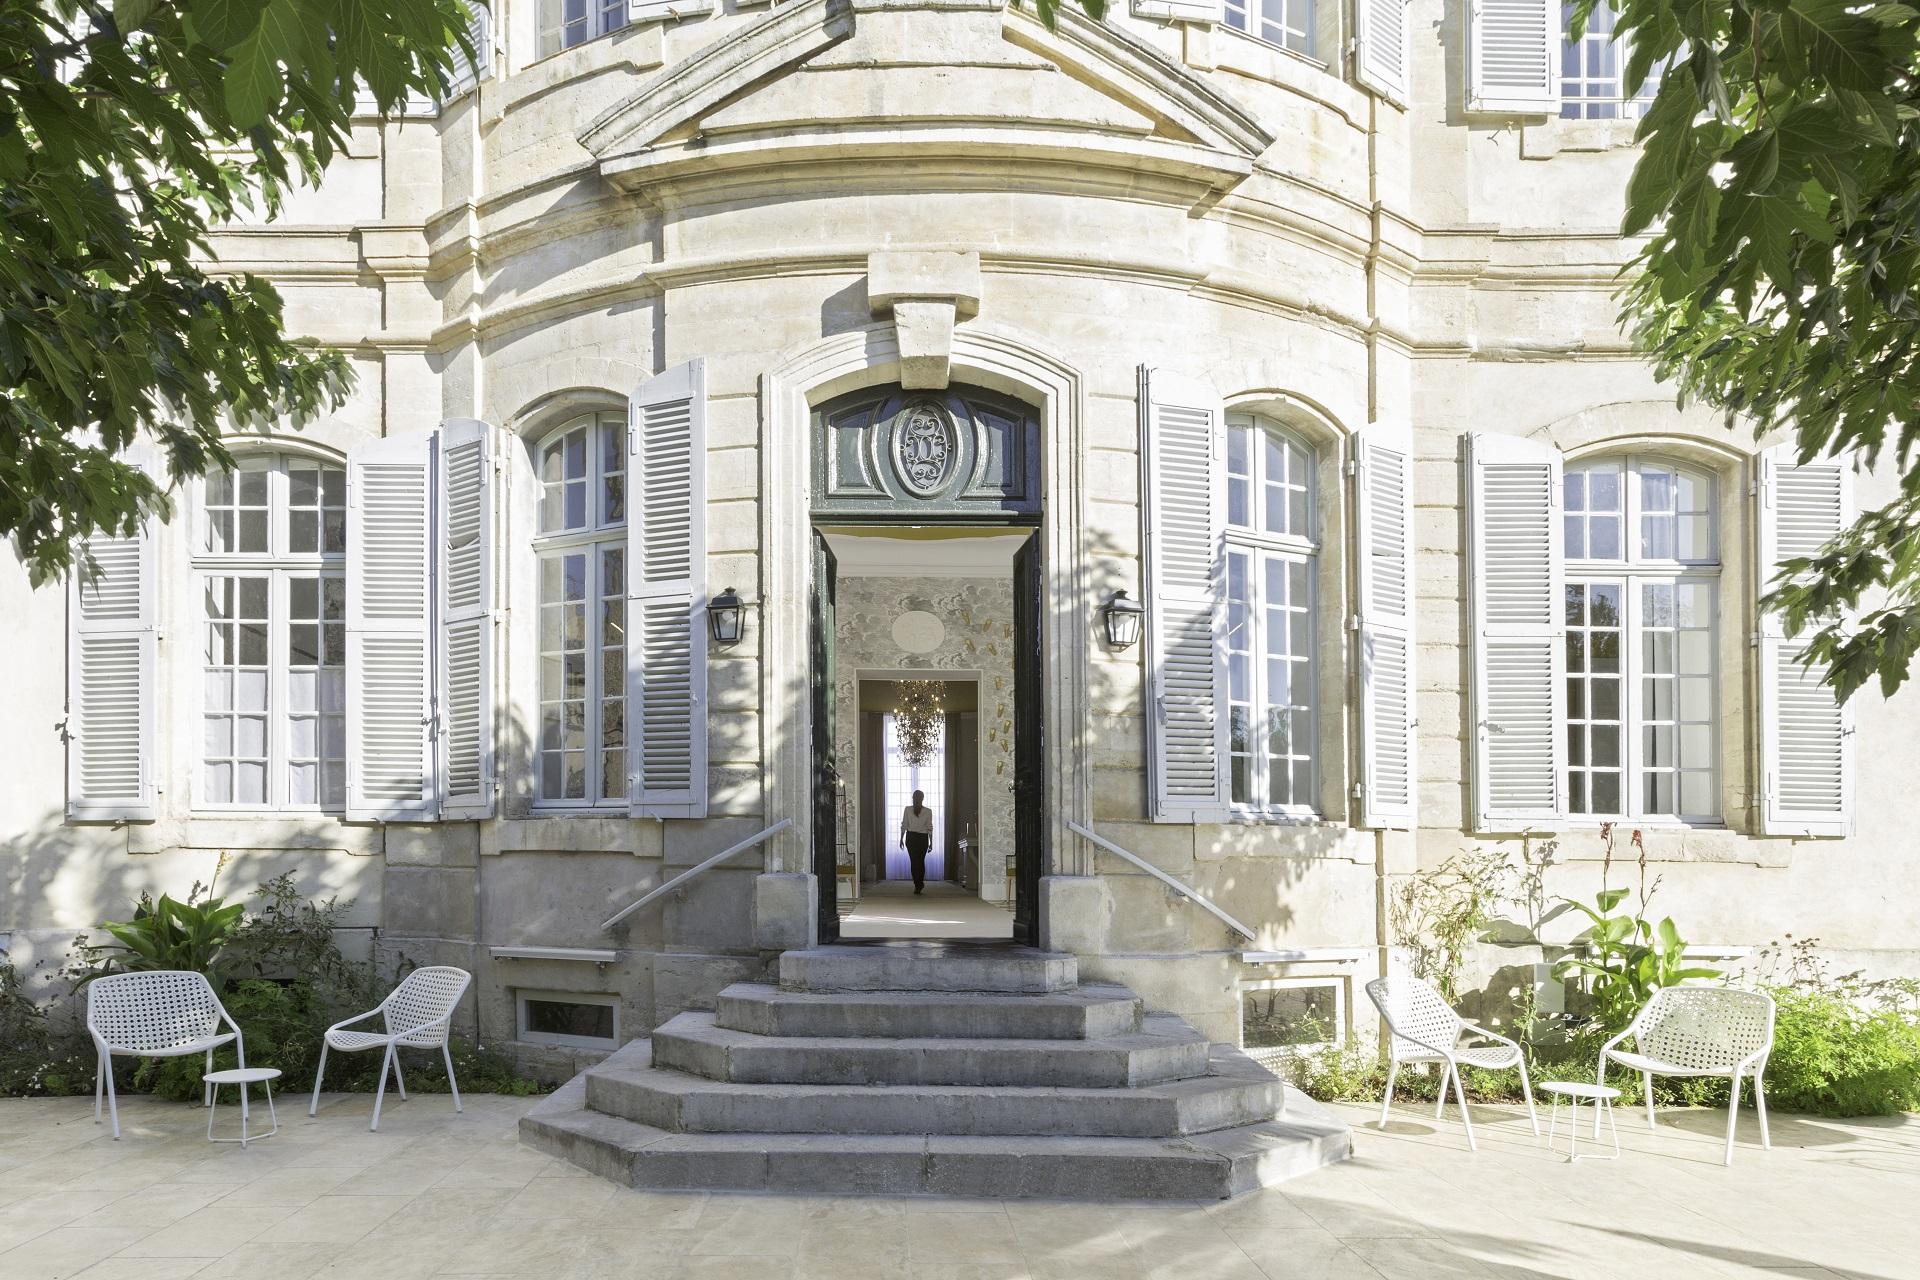 chateau-de-mazan-ventoux-vaucluse -avignon-provence-entree-seminaires-de-caractere